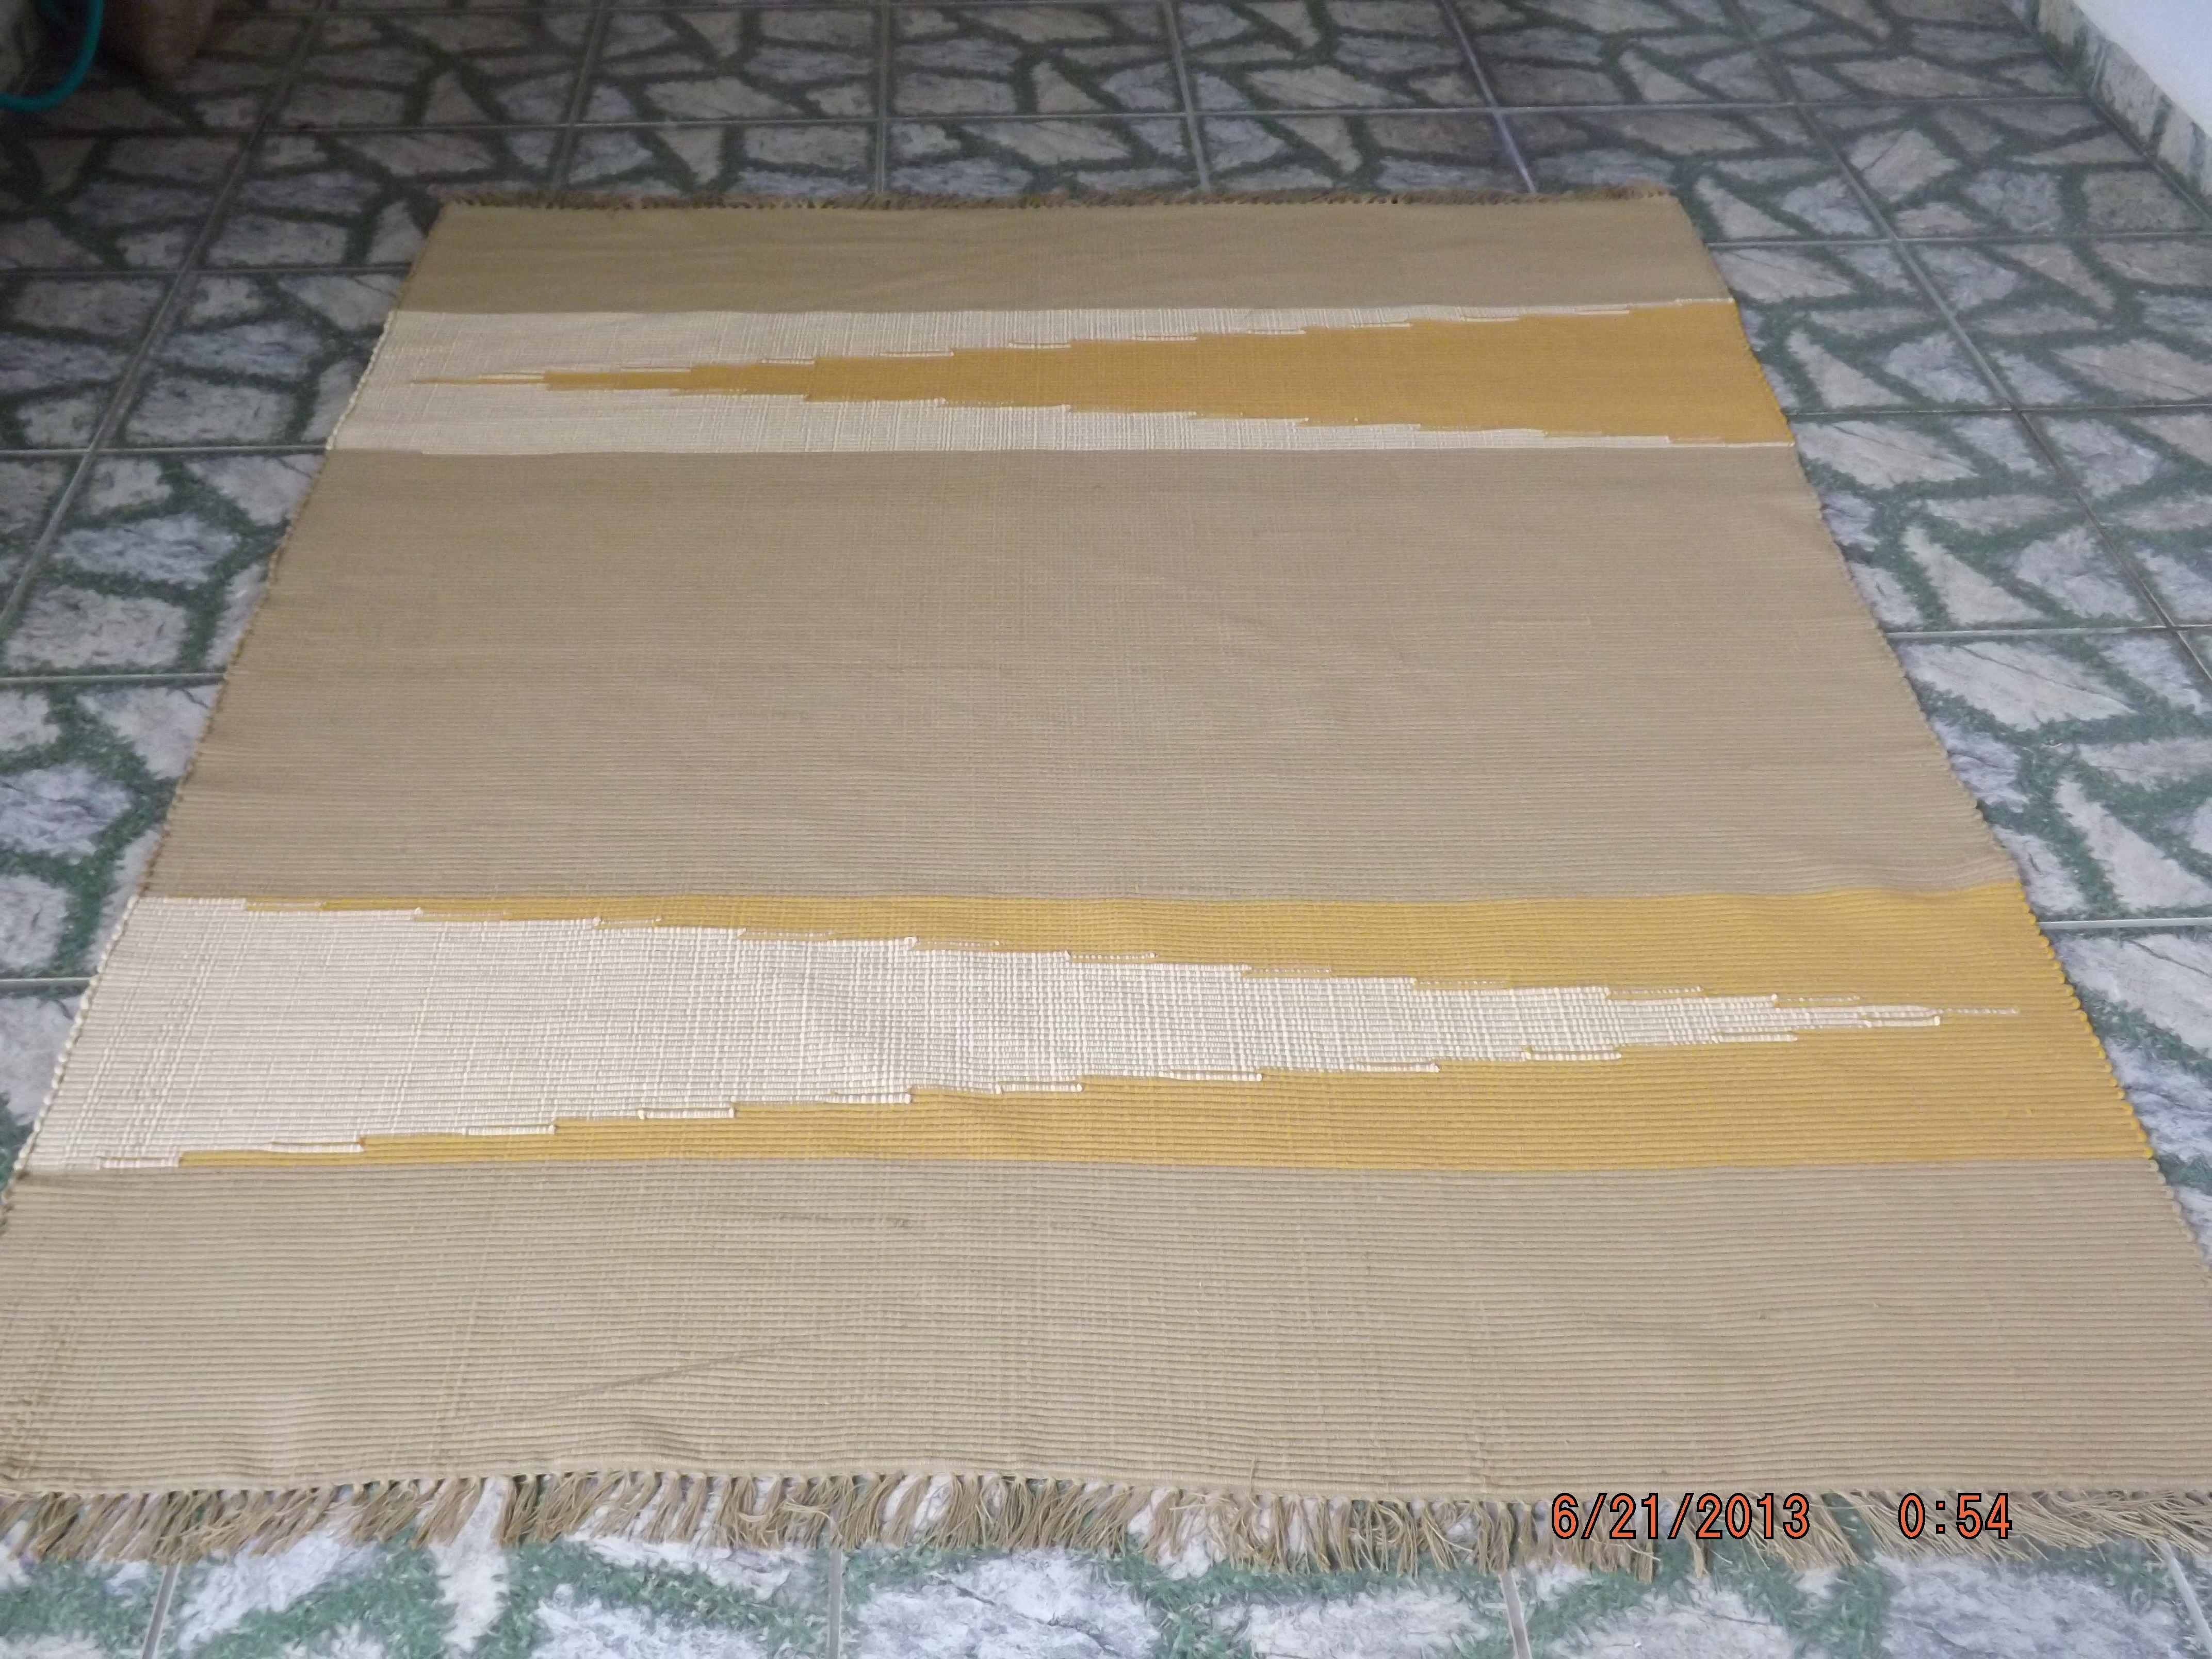 Tapete 1 50 x 2 00 tecelagem casagrande elo7 for Ecksofa 1 50 x 2 00